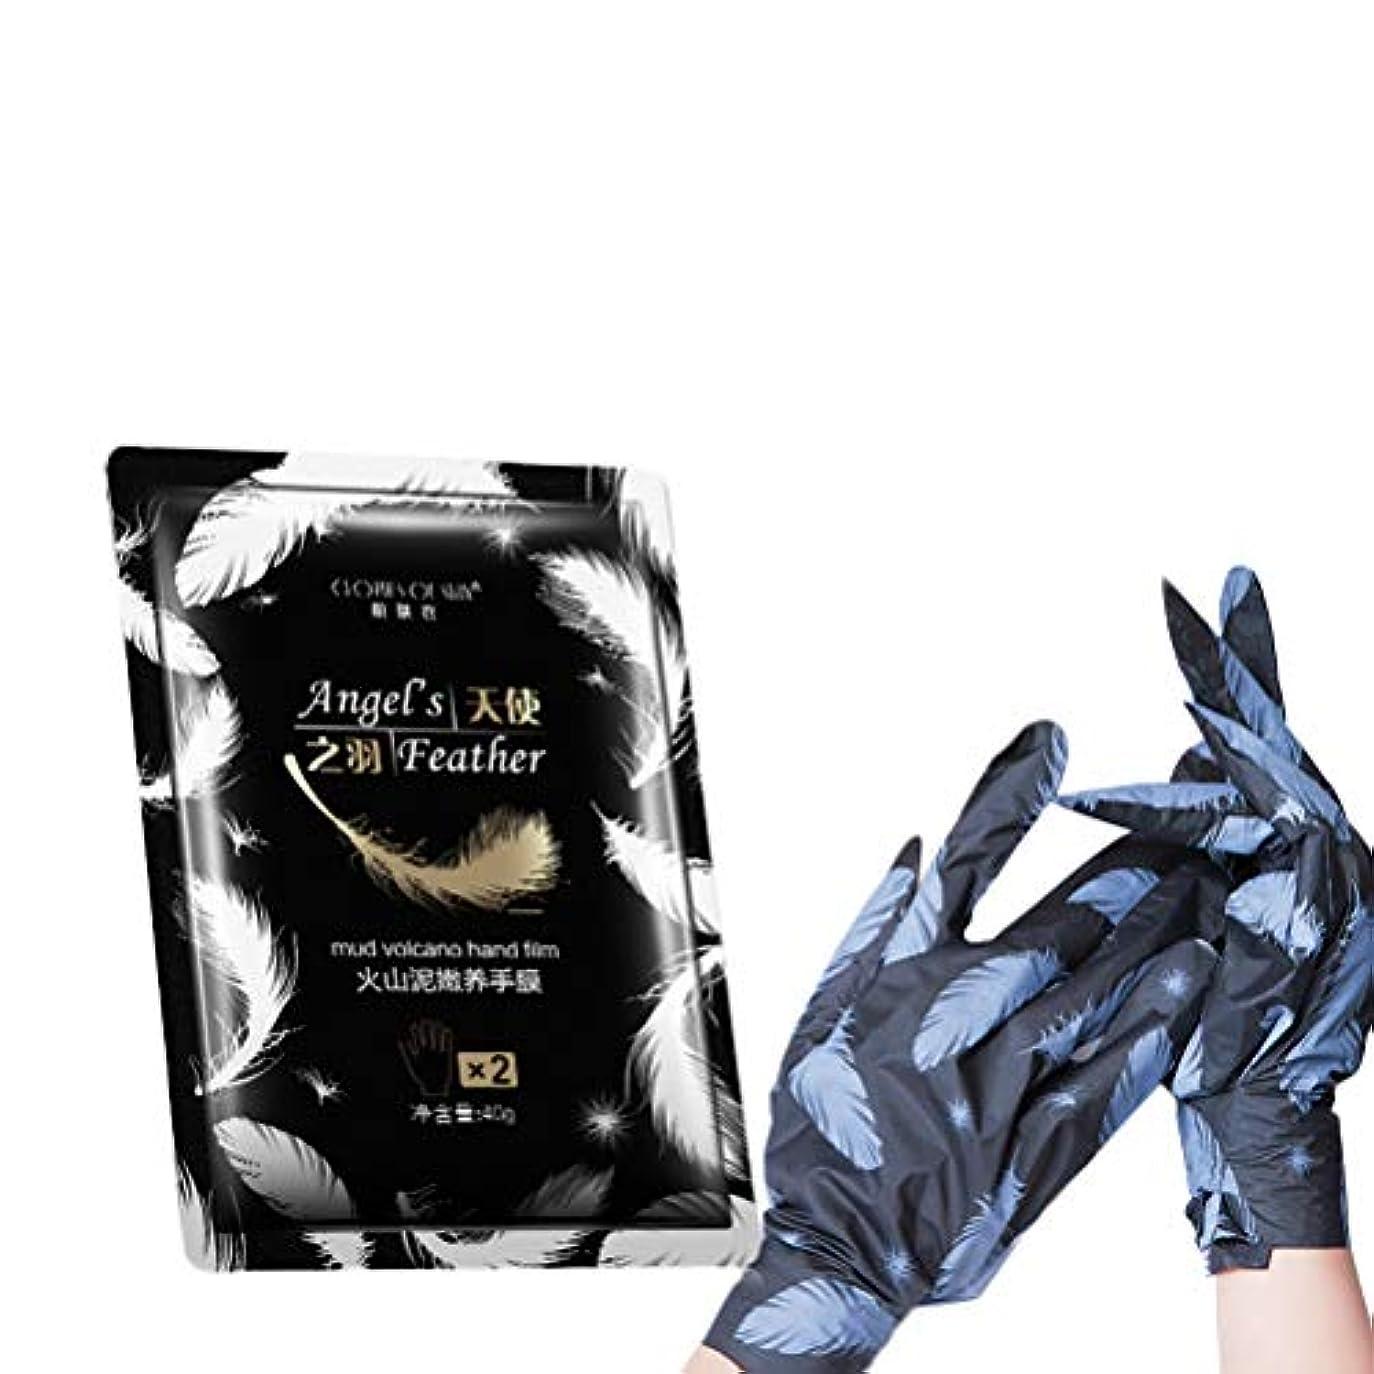 アドバイスチューリップジュニアSUPVOX 乾燥肌のための保湿ハンドマスク保湿手袋栄養補給のためのハンドケアホワイトニング